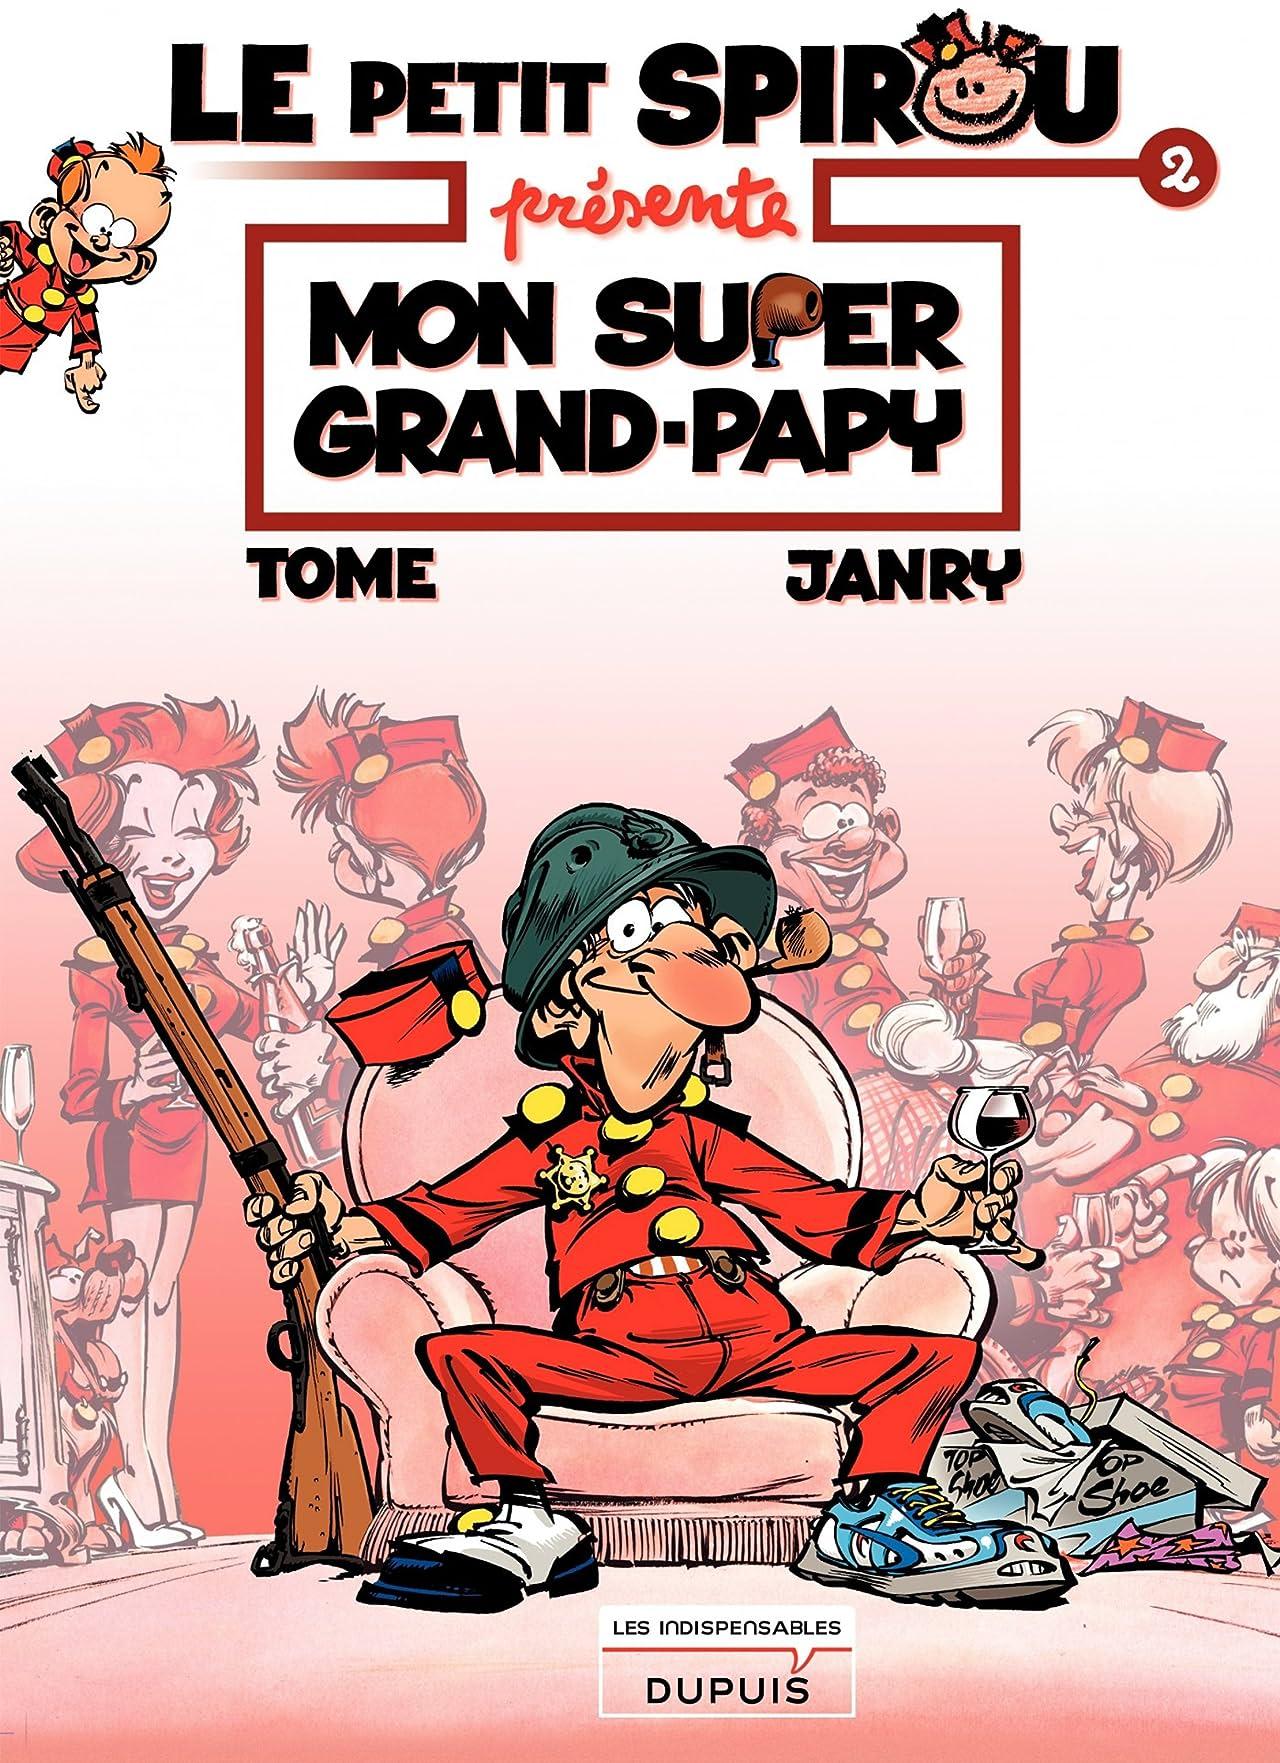 Le Petit Spirou présente... Vol. 2: Mon super grand papy